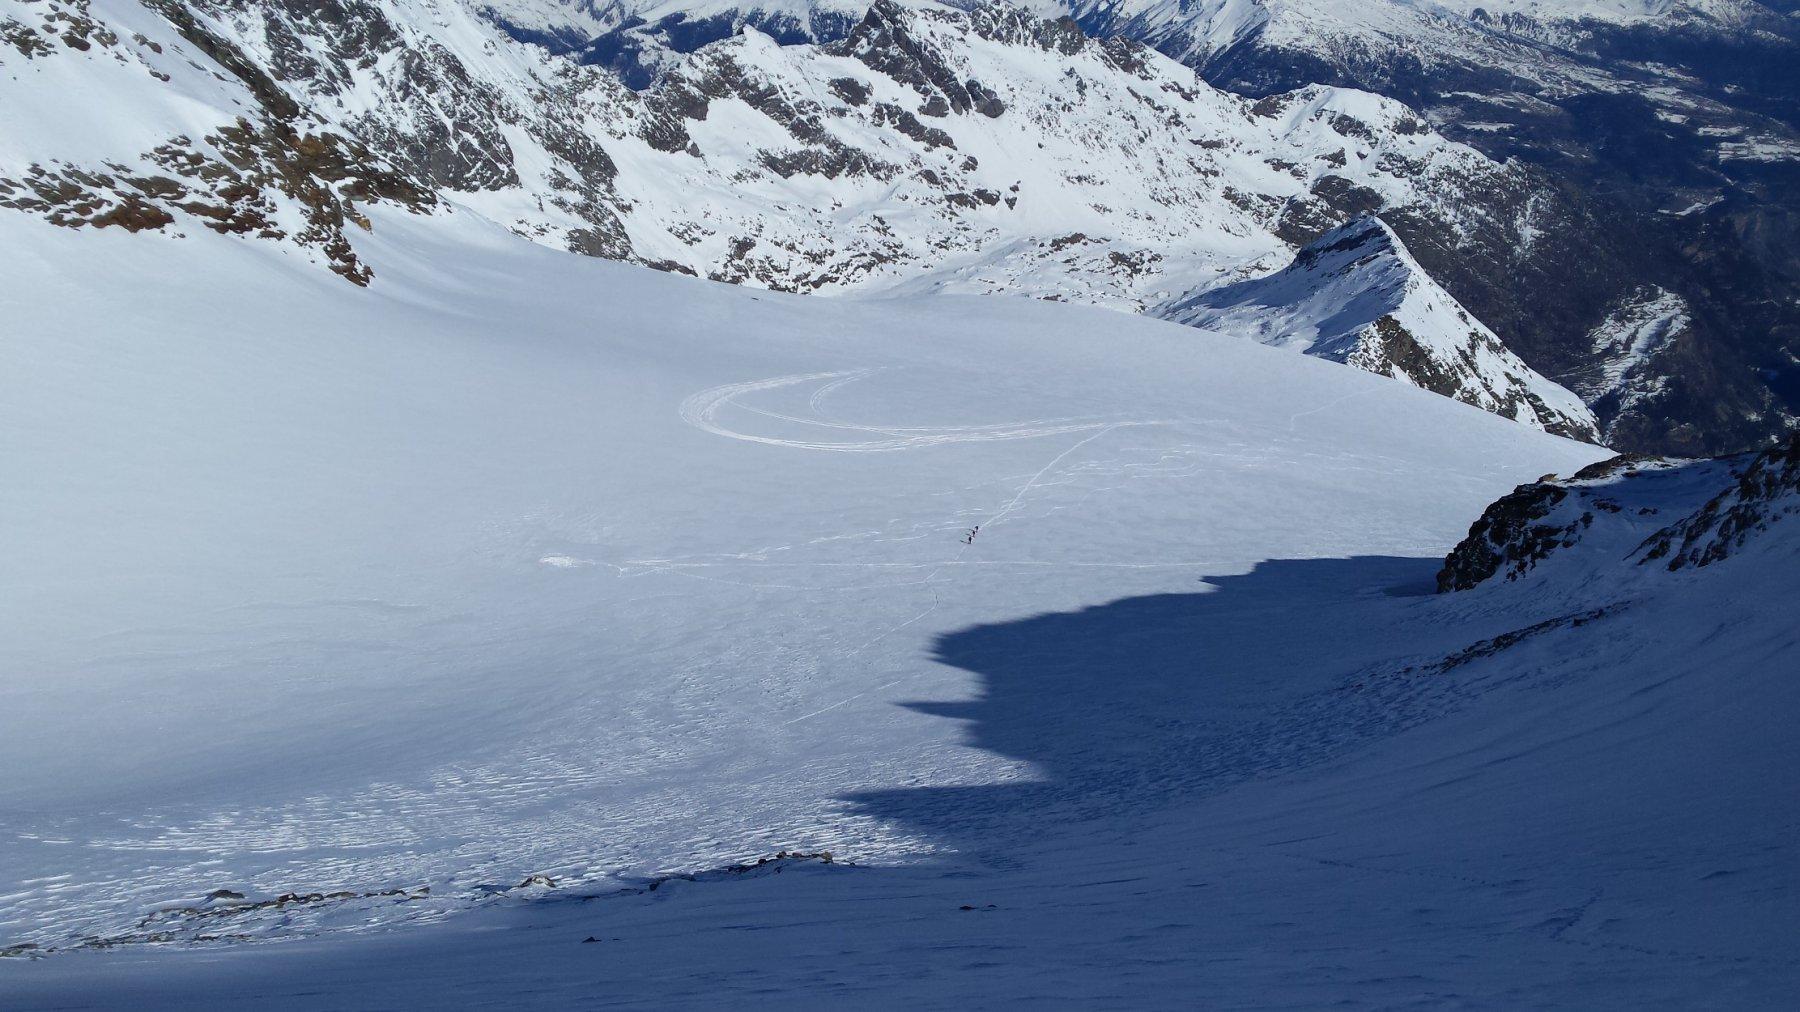 tracce sul ghiacciaio di atterraggio di due ultraleggeri